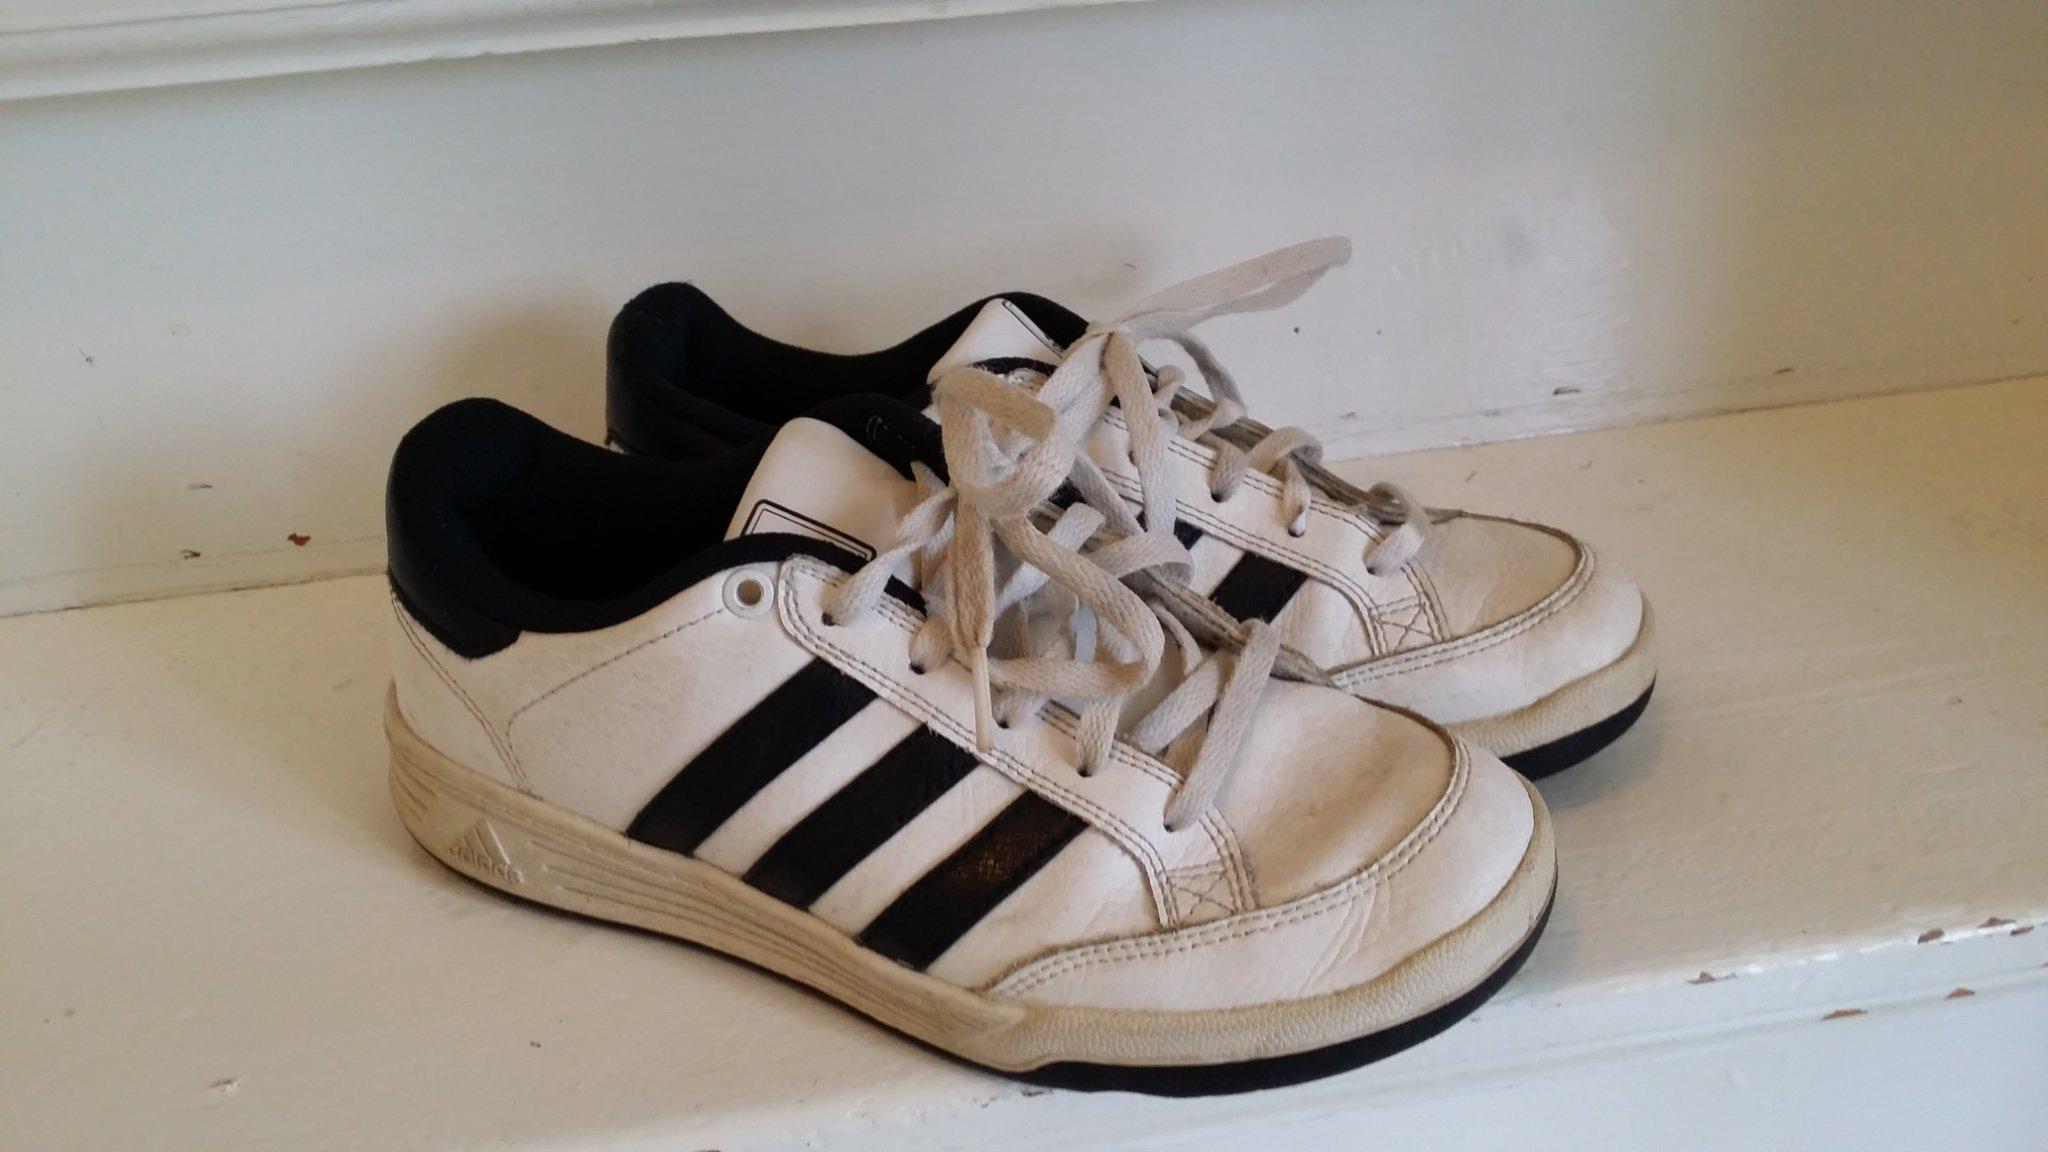 vídeo aterrizaje Anestésico  Adidas skor i stl 36 2/3. (23,5 cm). Bra begagn.. (436722048) ᐈ Köp på  Tradera